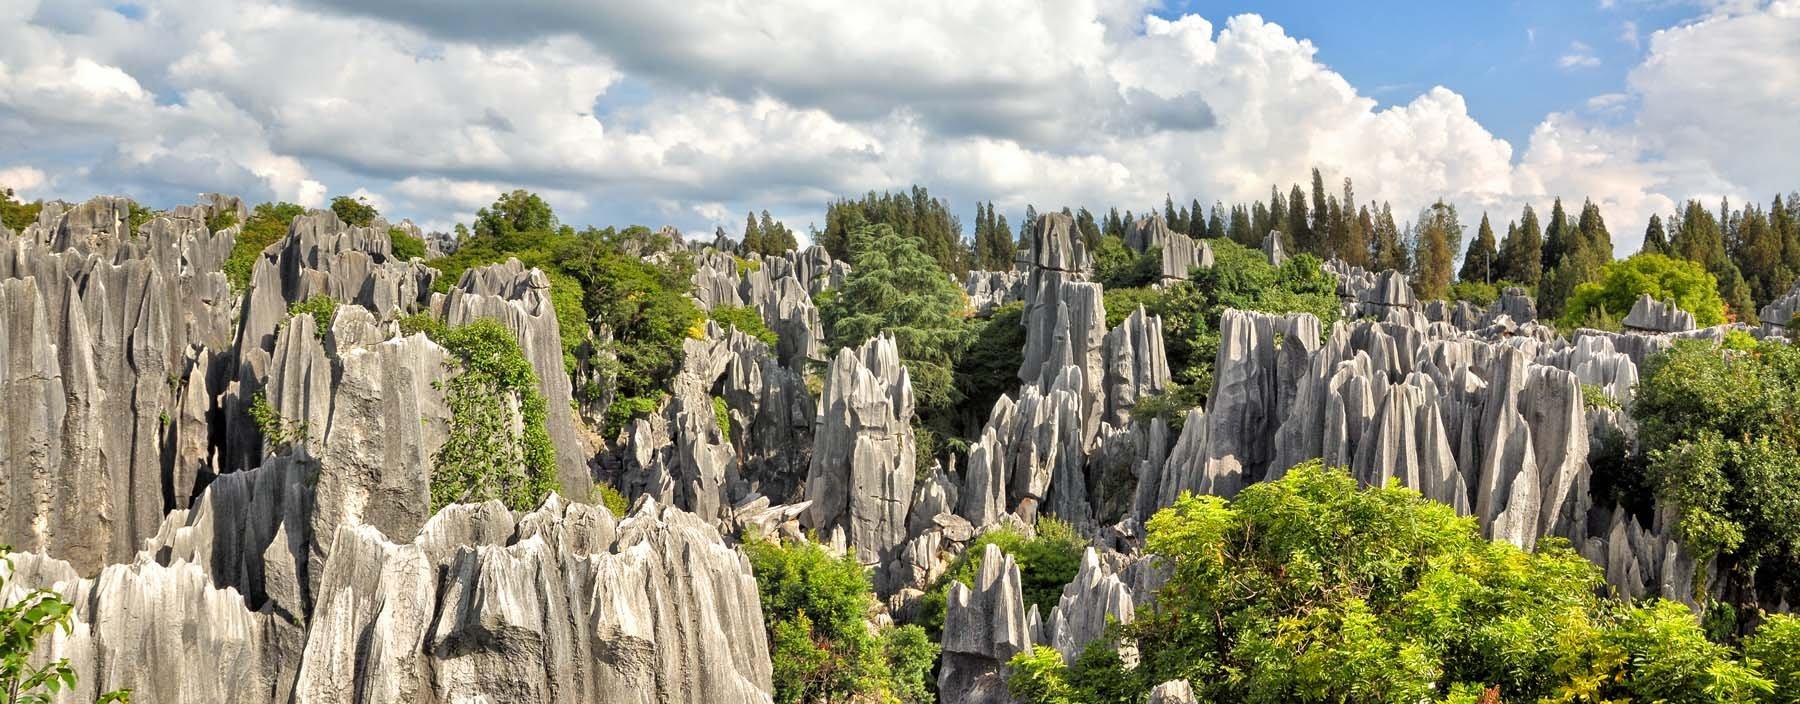 cn, kunming, stone forest (2).jpg